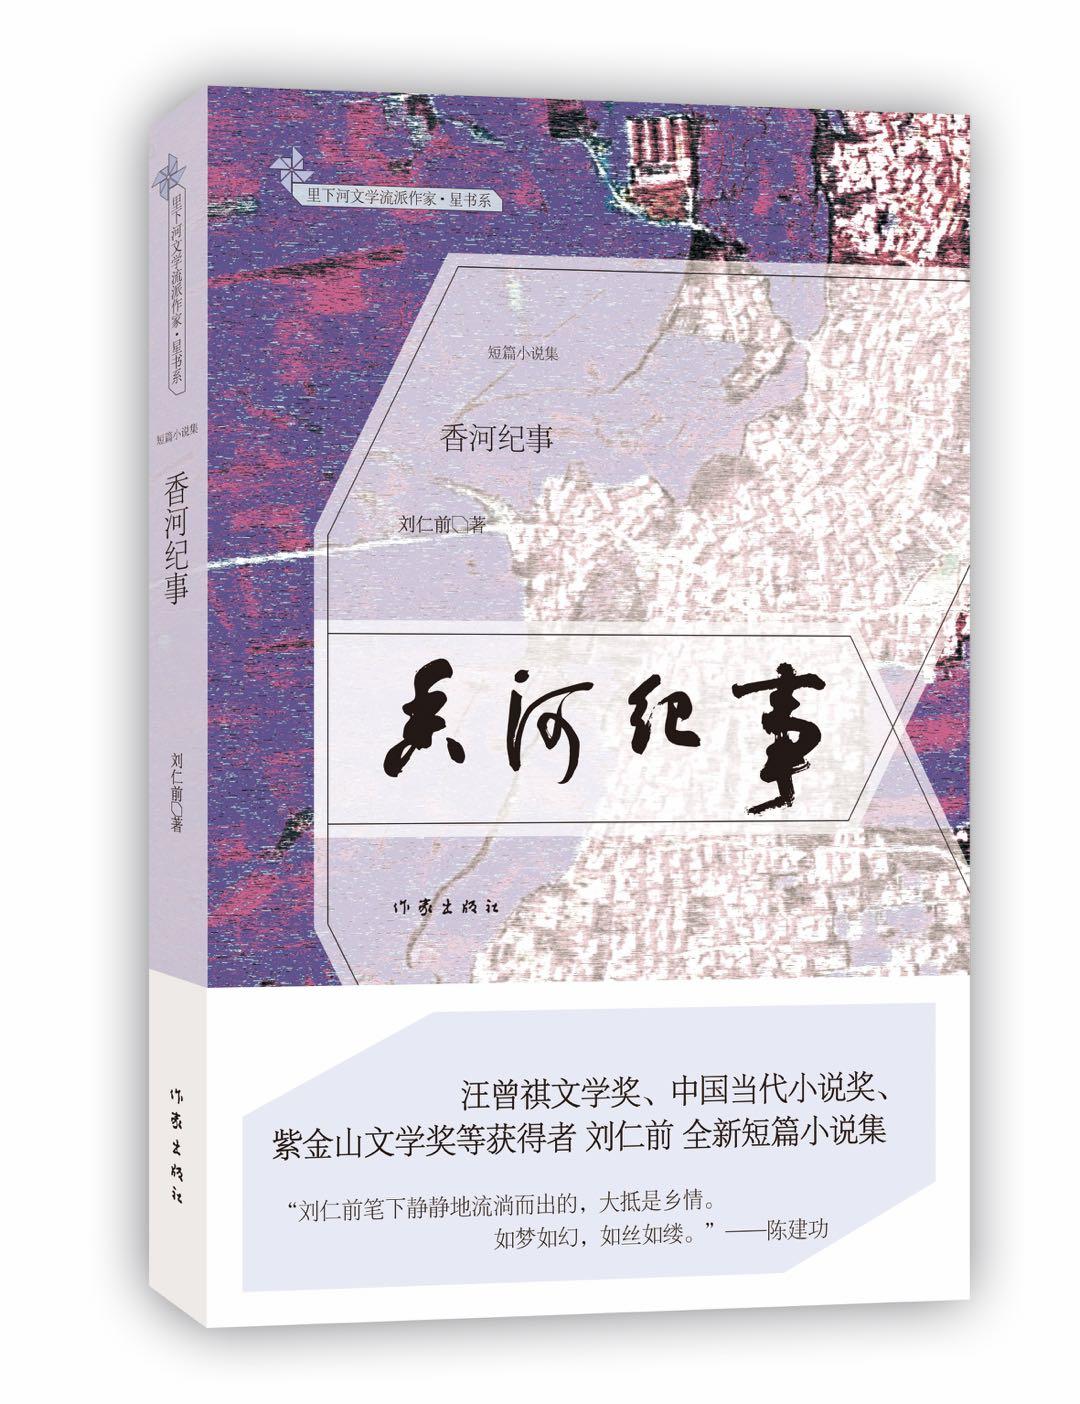 《香河纪事》(短篇小说集)